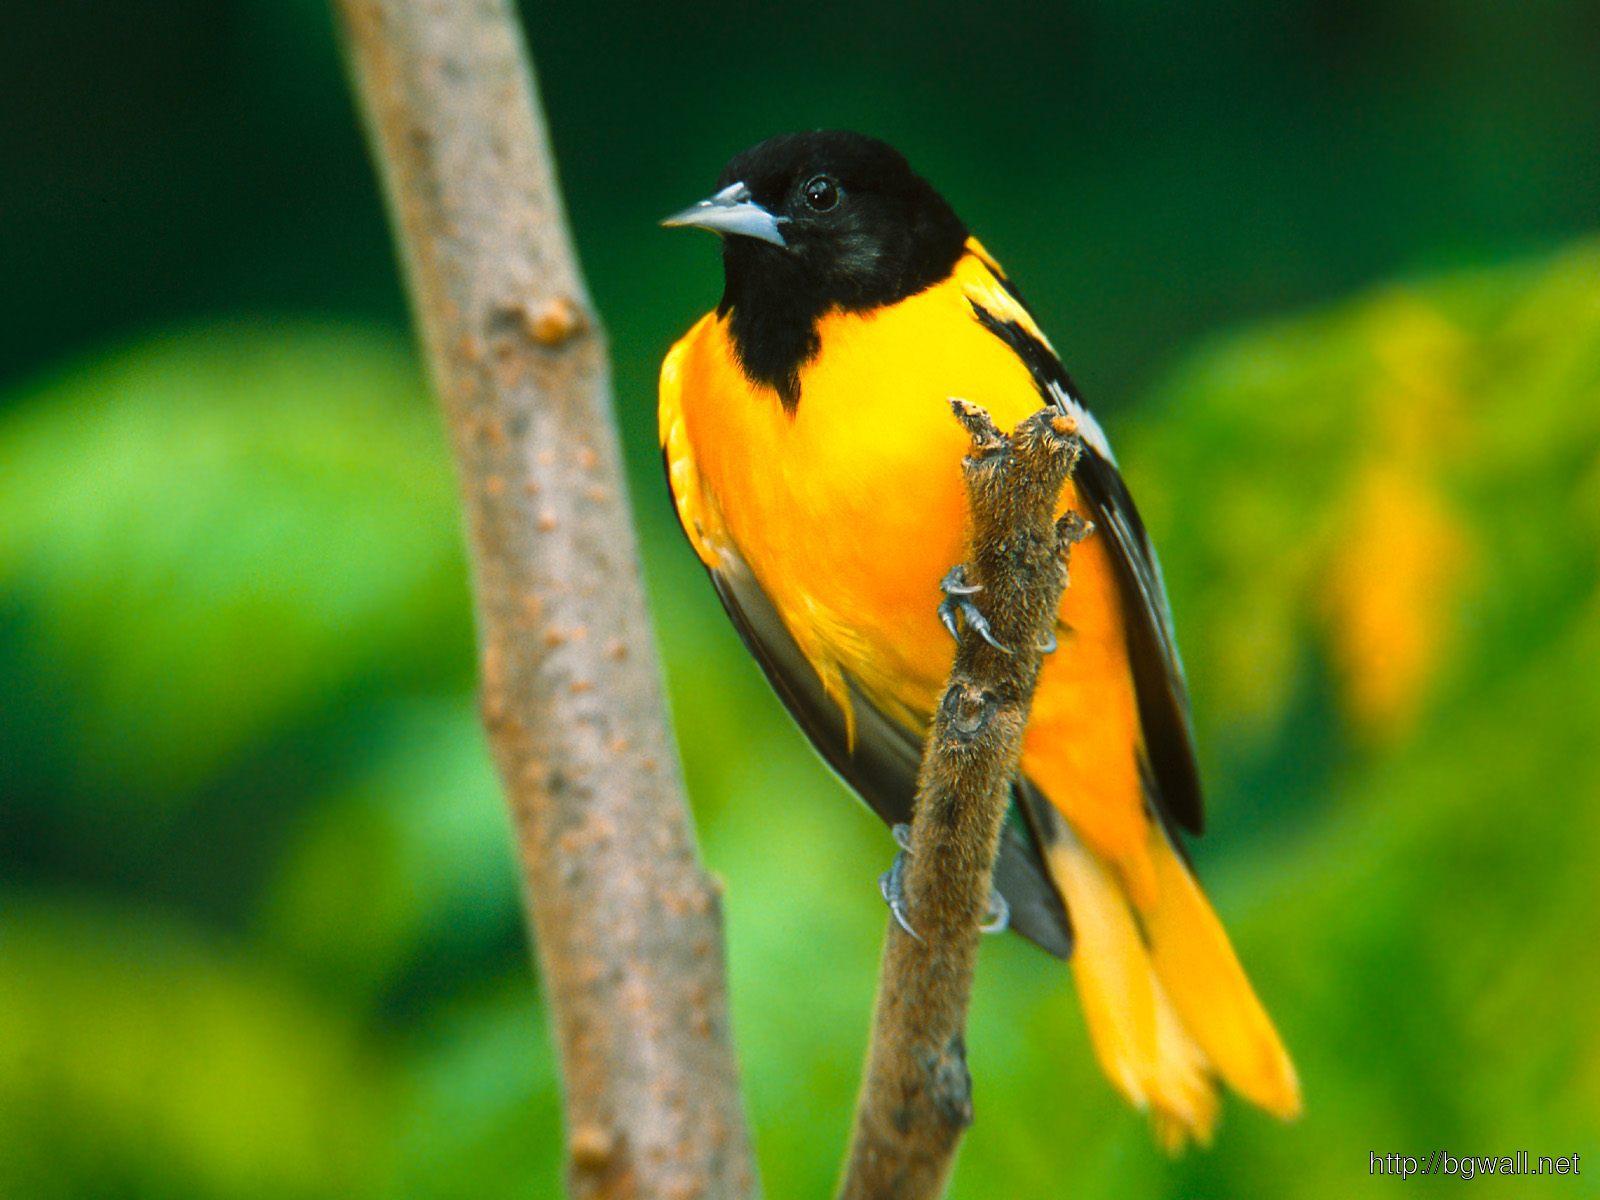 Cute Little Yellow Bird In Green Nature Background Wallpaper Hd